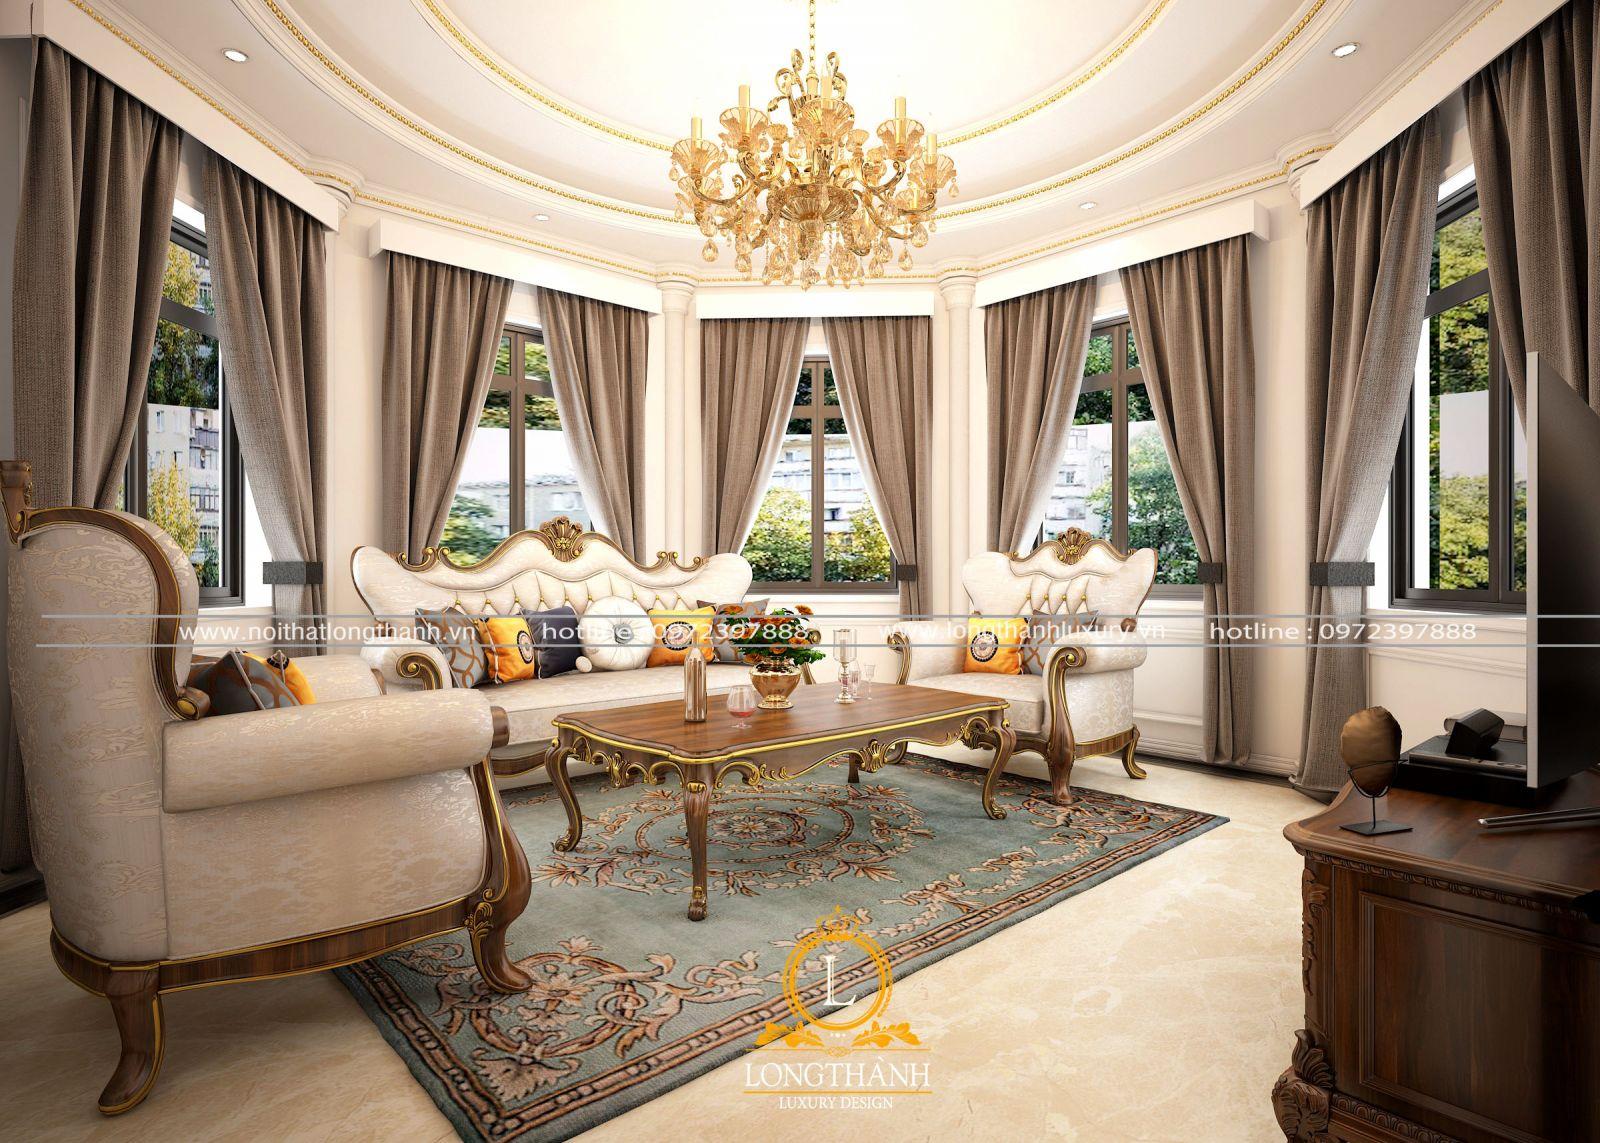 Bộ sofa tân cổ điển gam màu sáng sang trọng